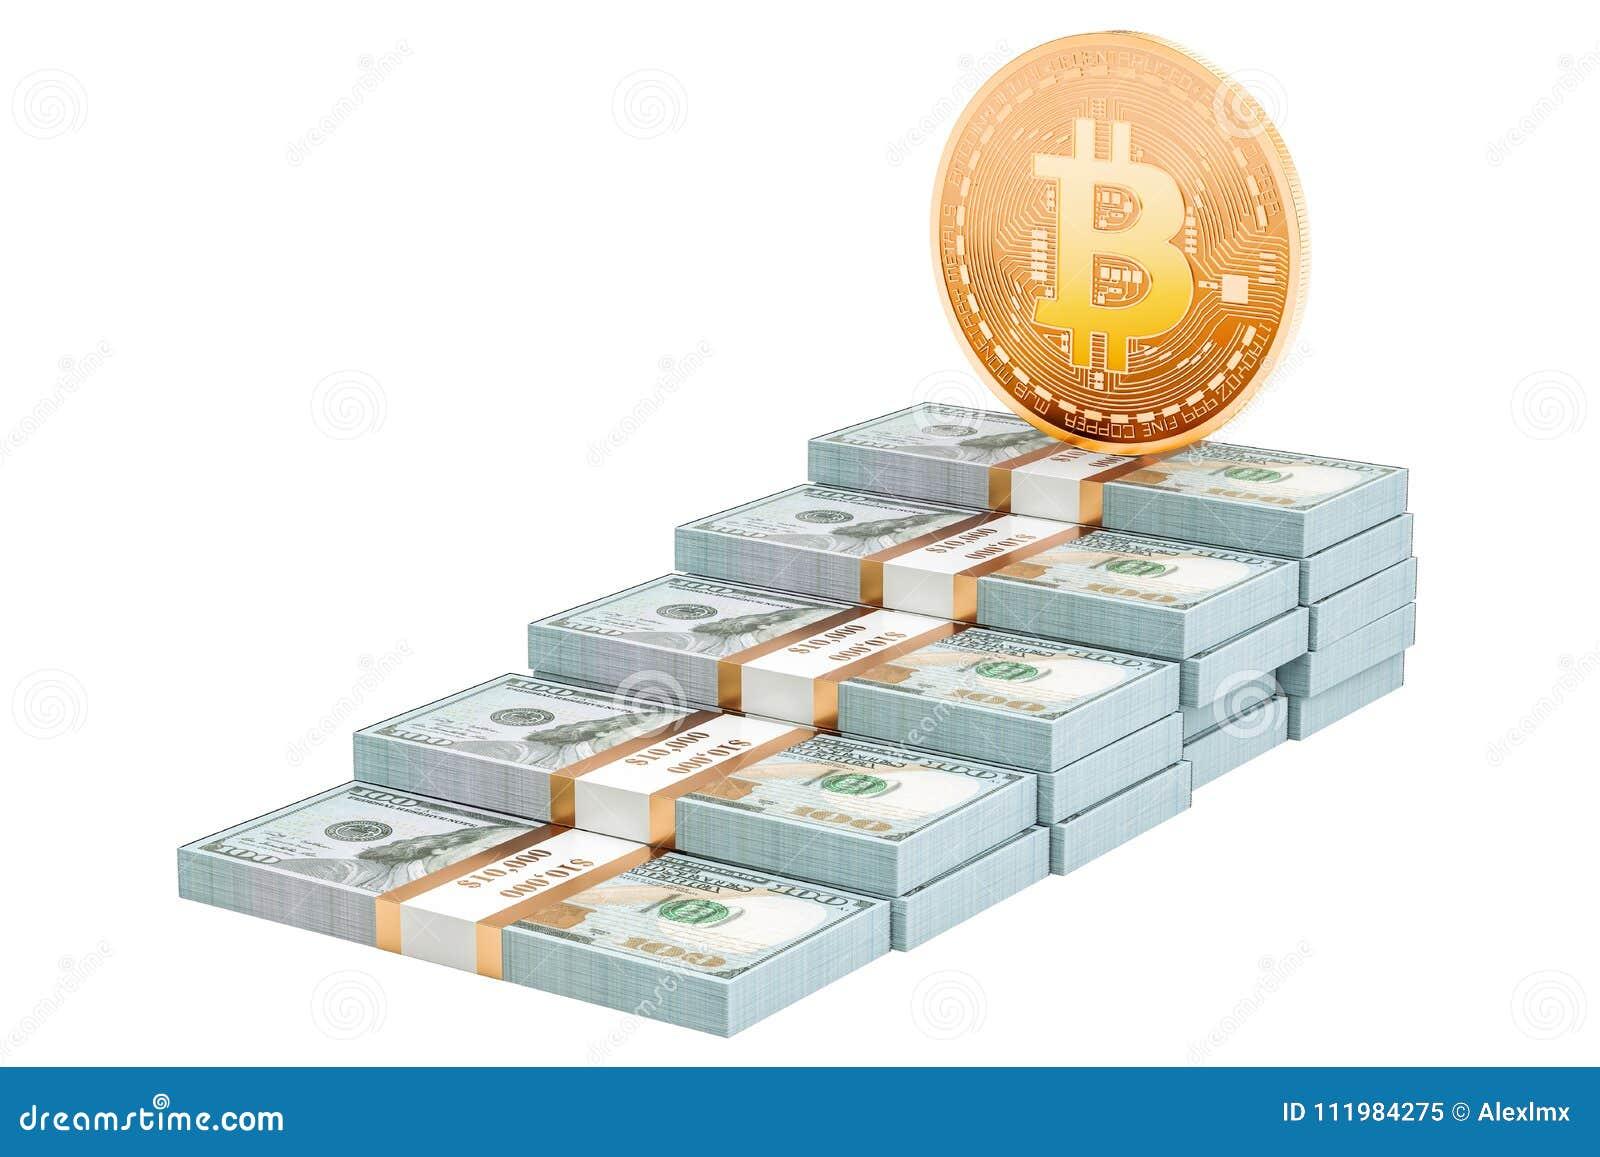 Heti bitcoin árfolyam elemzés: megugrotta a 10 ezret a bitcoin, de nem tudta tartani - szabadibela.hu